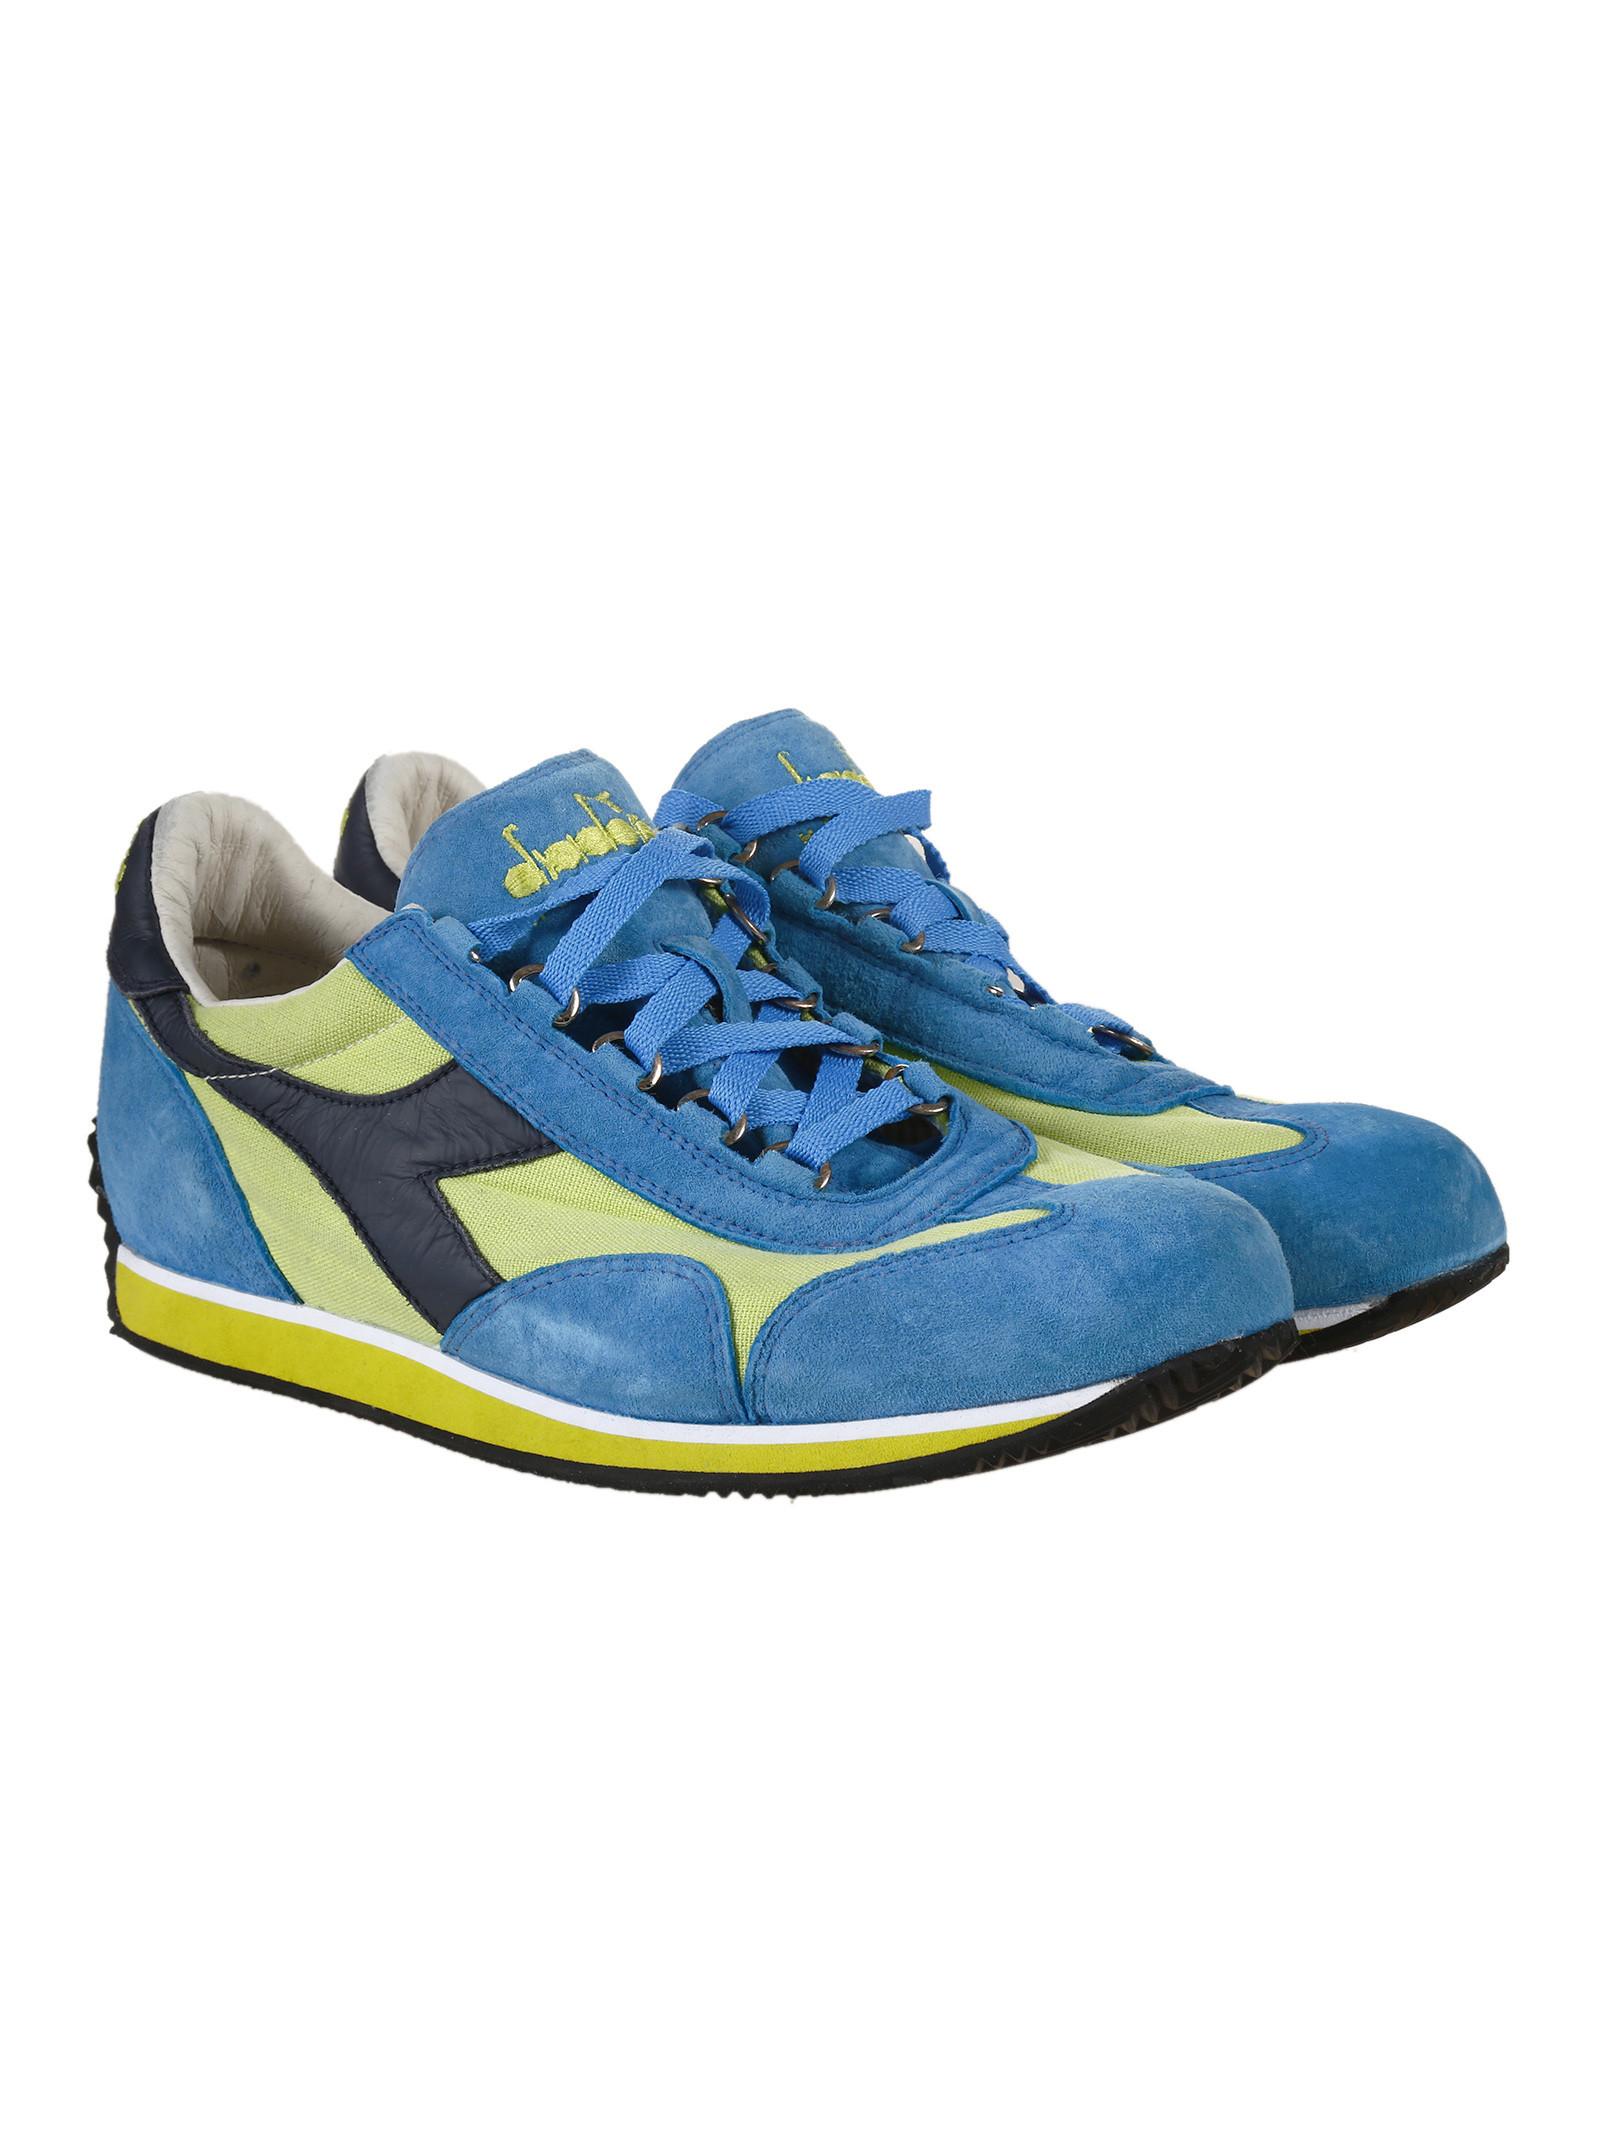 diadora sneakers - photo #38